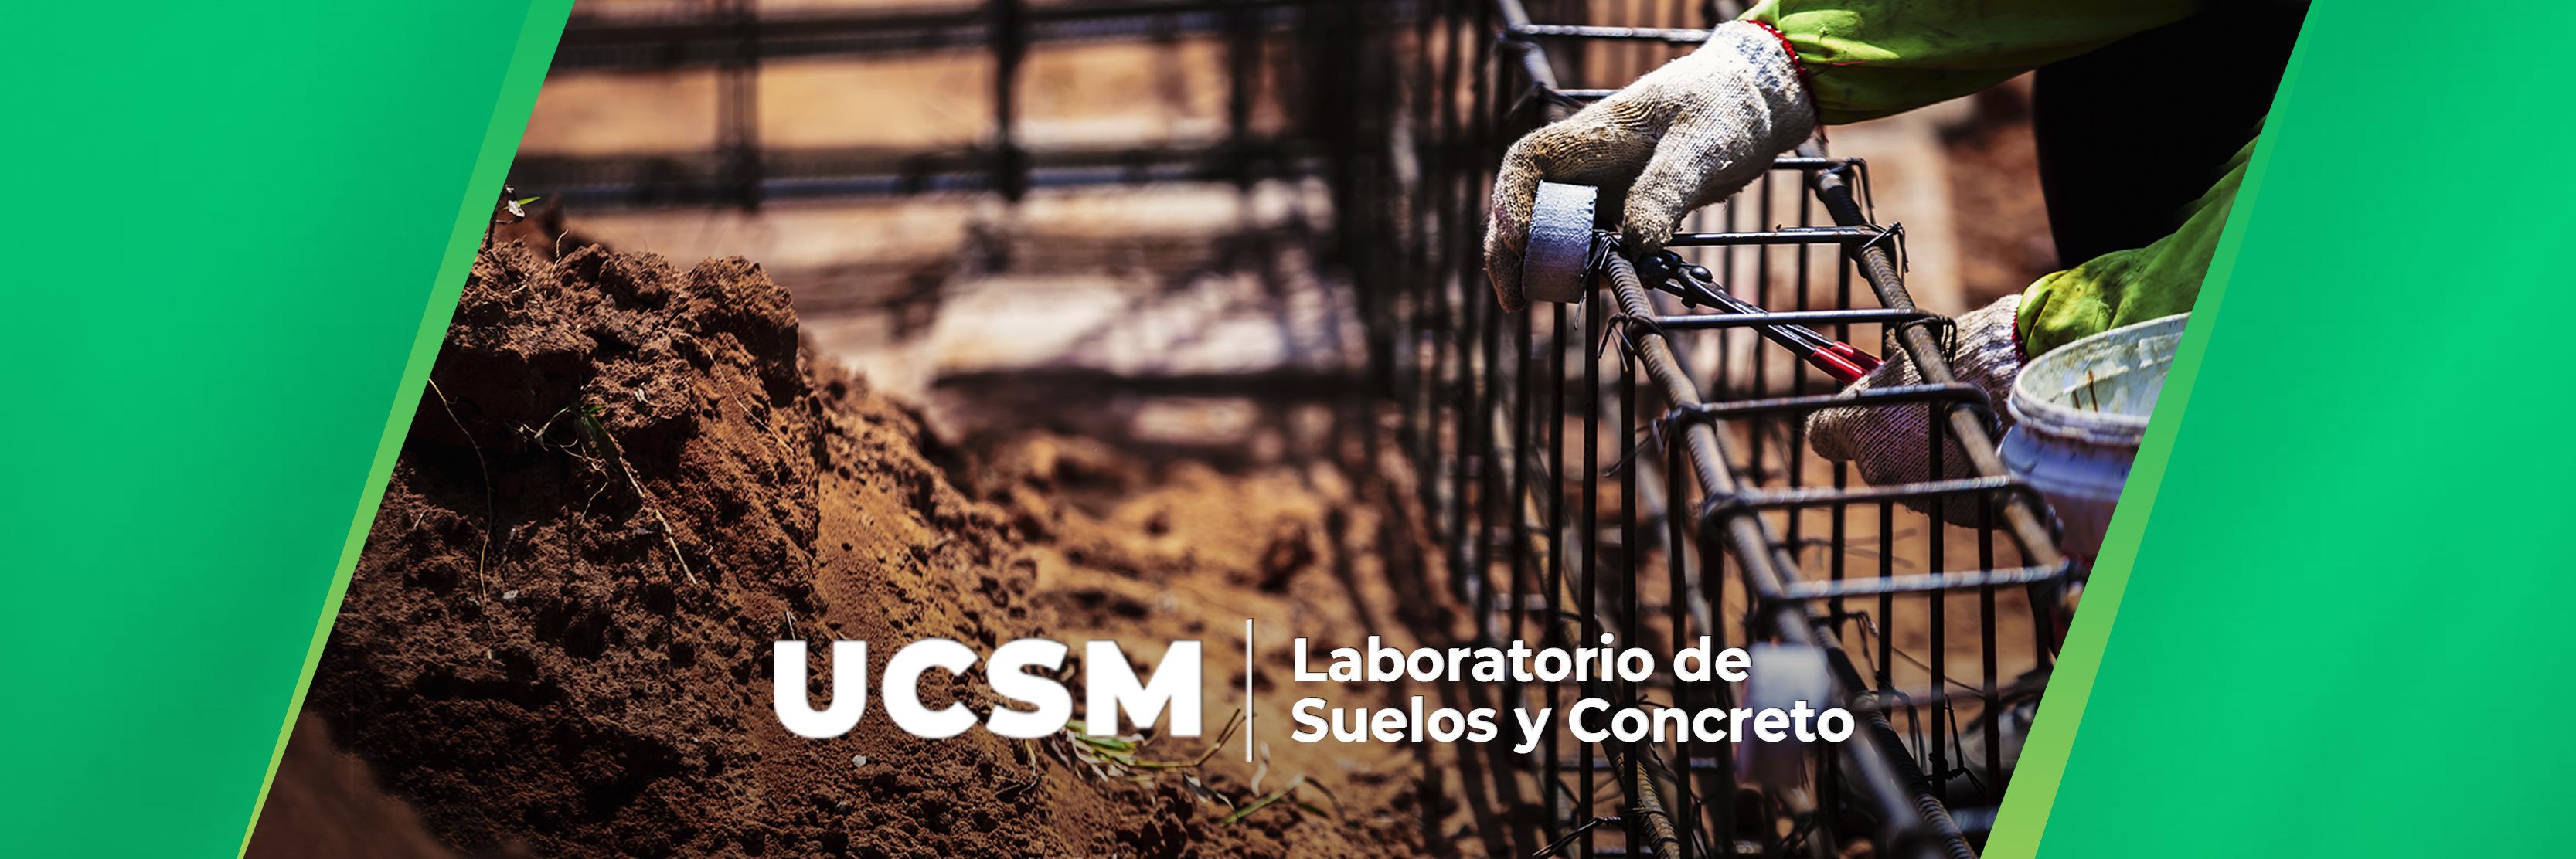 laboratorio-de-suelos-y-concreto